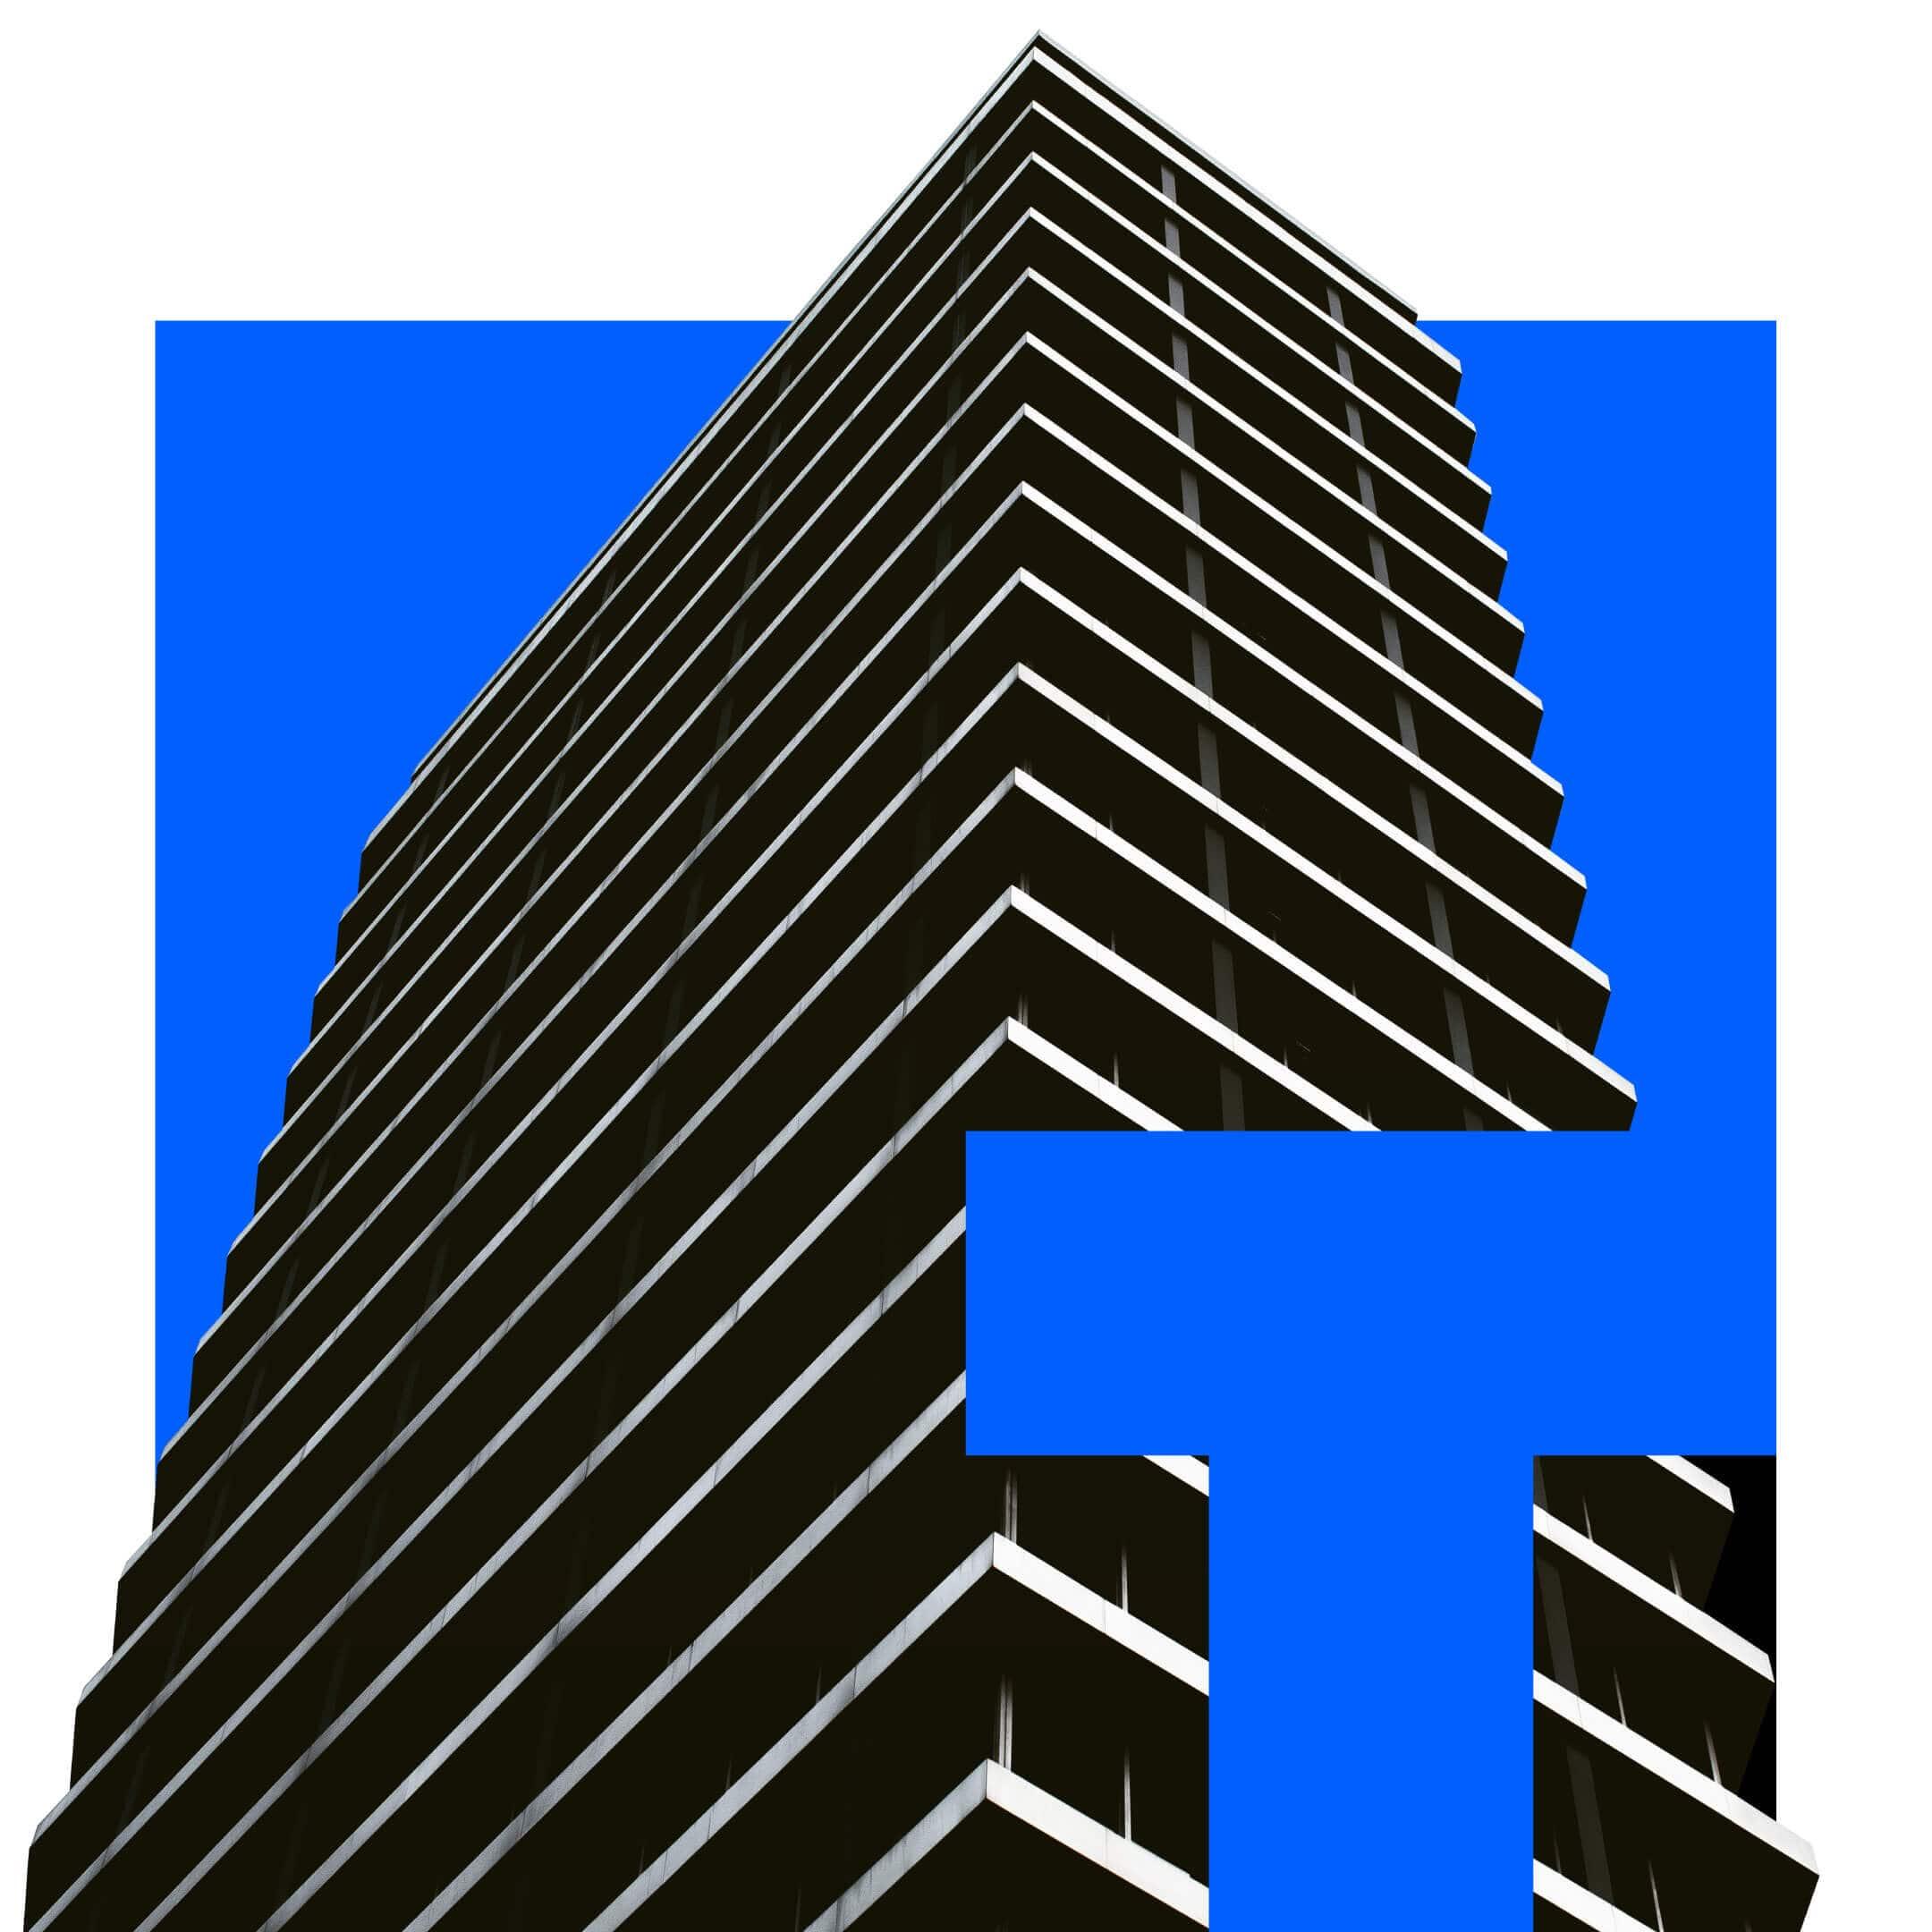 Tim Flynn + Architects